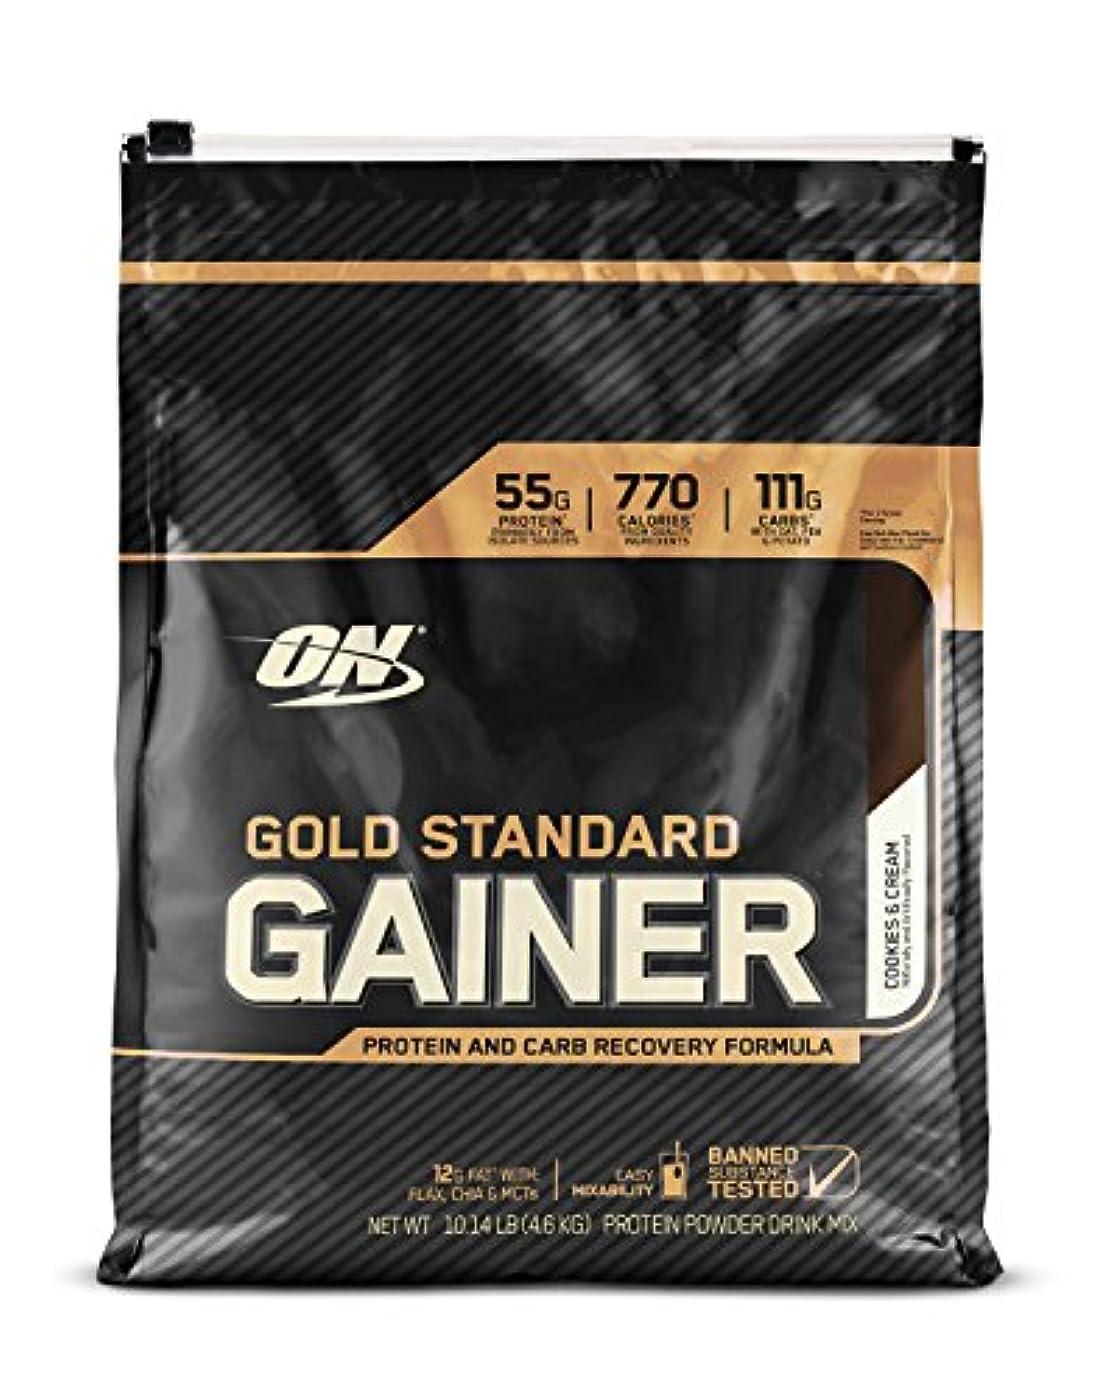 登るバスタブ物質ゴールドスタンダード ゲイナー 10LB クッキークリーム (Gold Standard Gainer 10LB Cookies & Cream) [海外直送品]